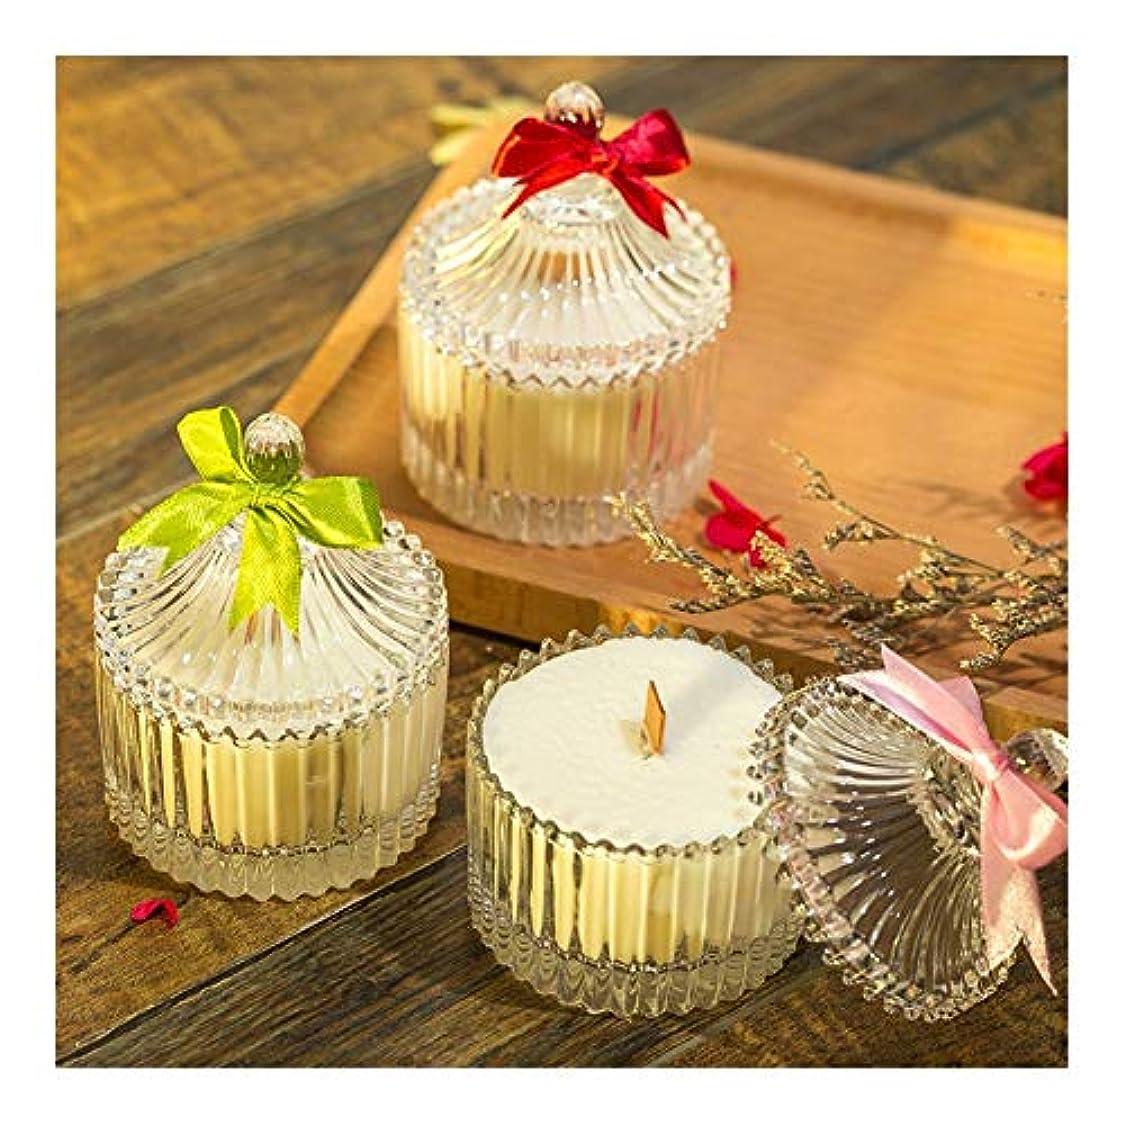 静けさアクセル征服するACAO 大豆の香料入りの蝋燭の無煙ガラスの蝋燭の結婚祝い (色 : Lavender)